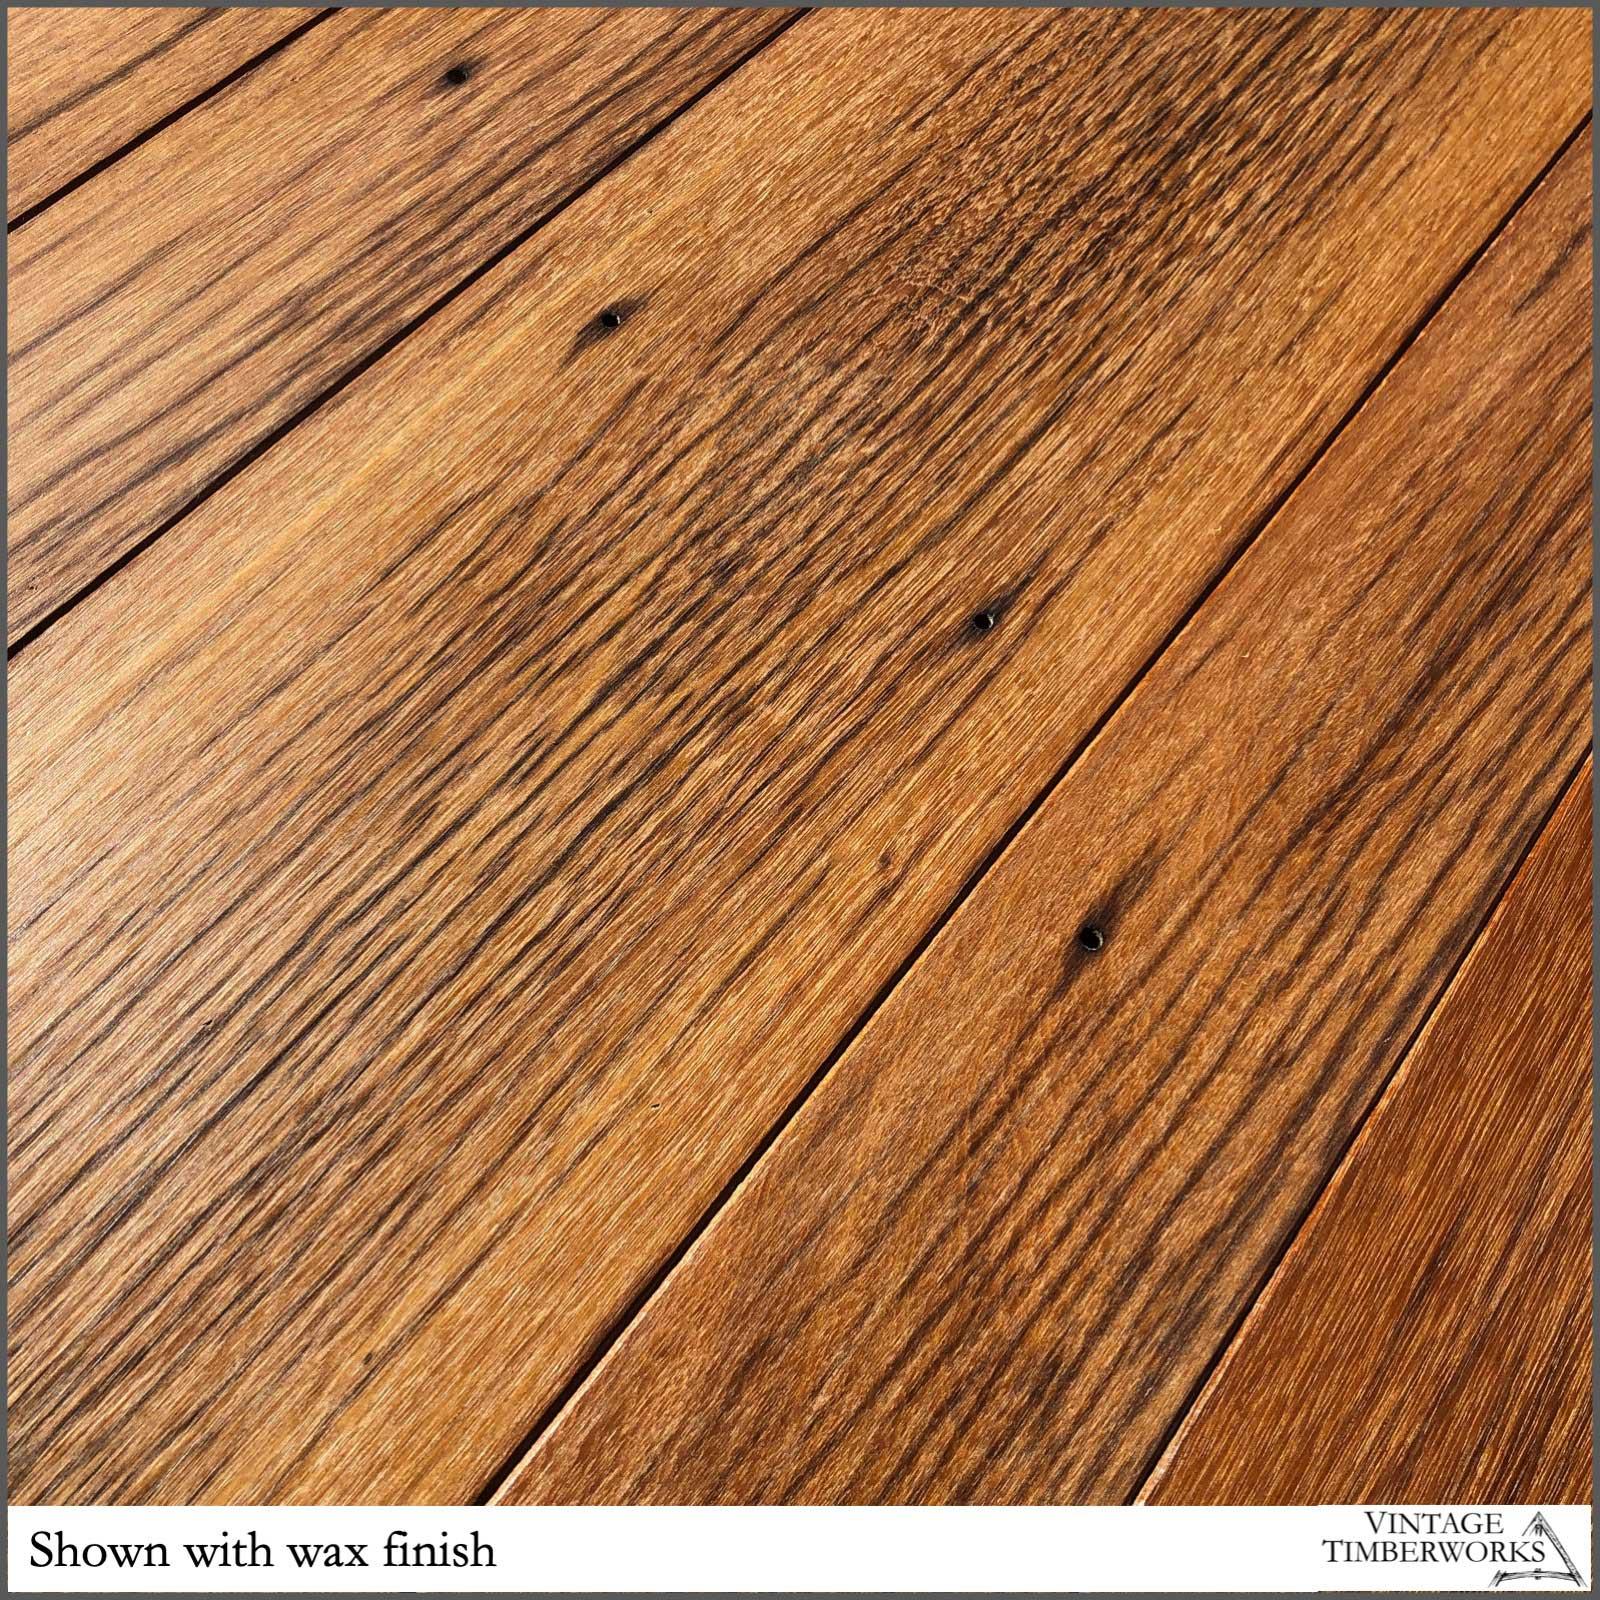 Smooth Ulin with wax finish - Ulin Ironwood